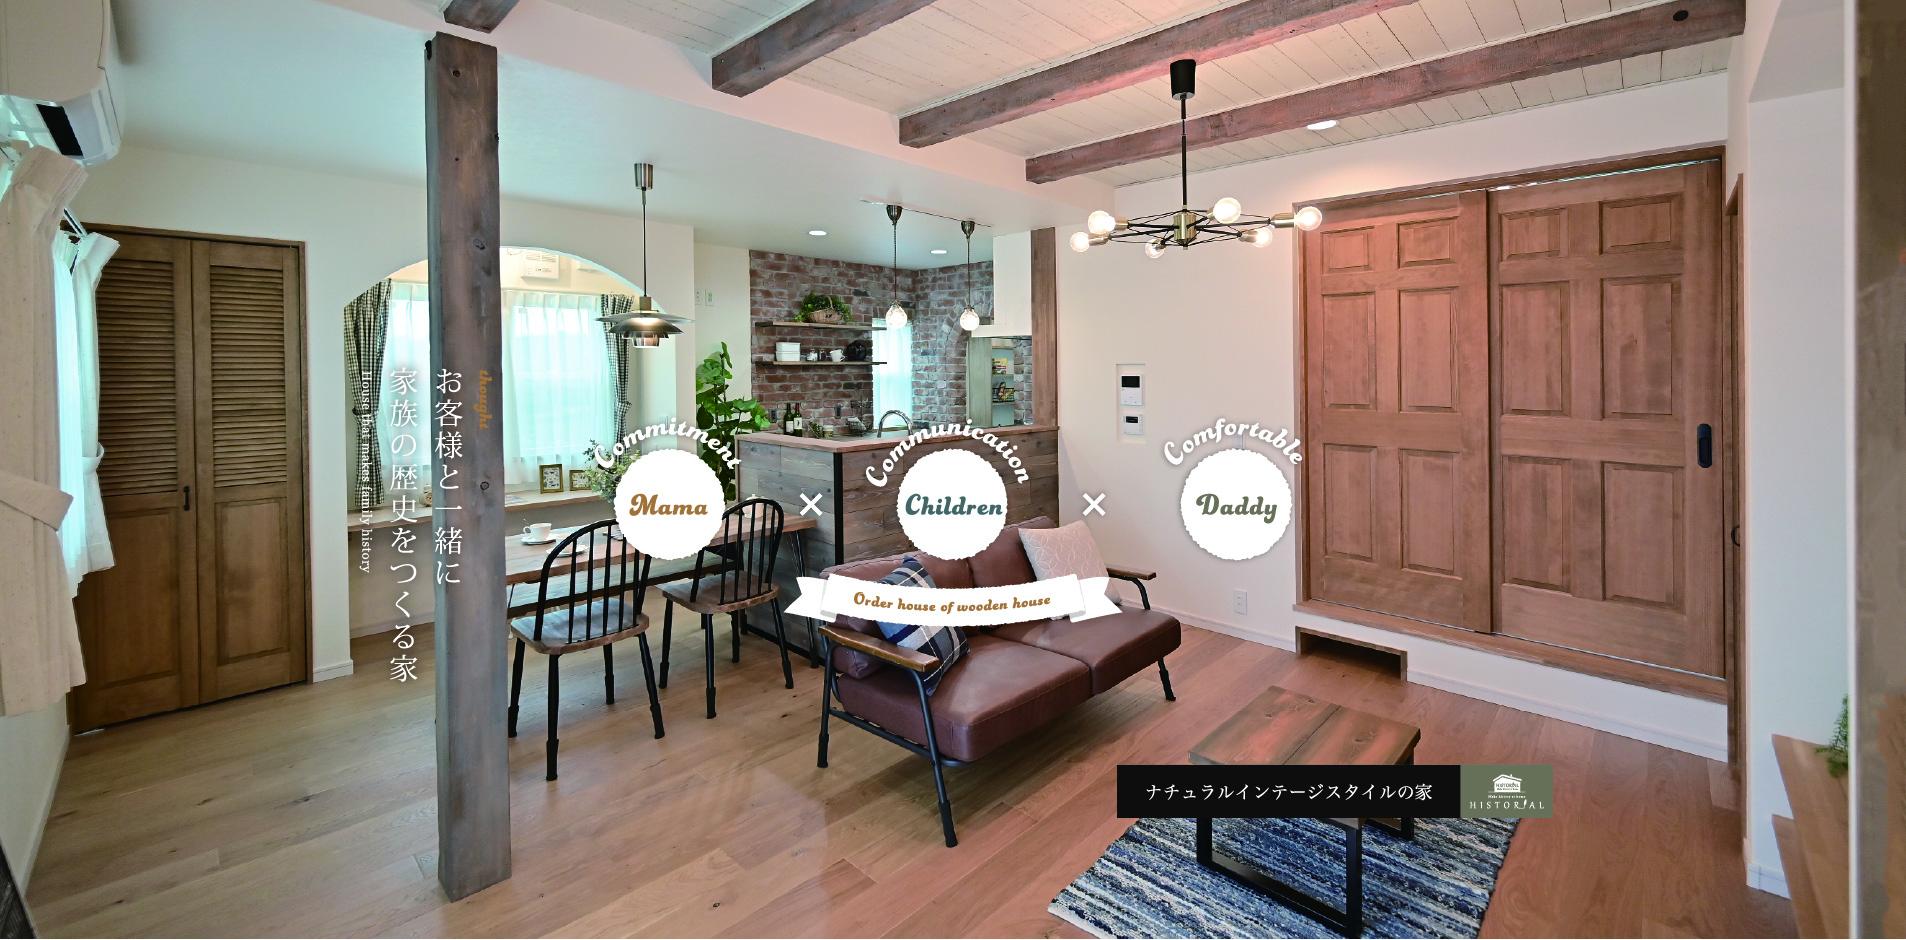 浜松市の注文住宅会社のエコーアートが建てたキッチン写真